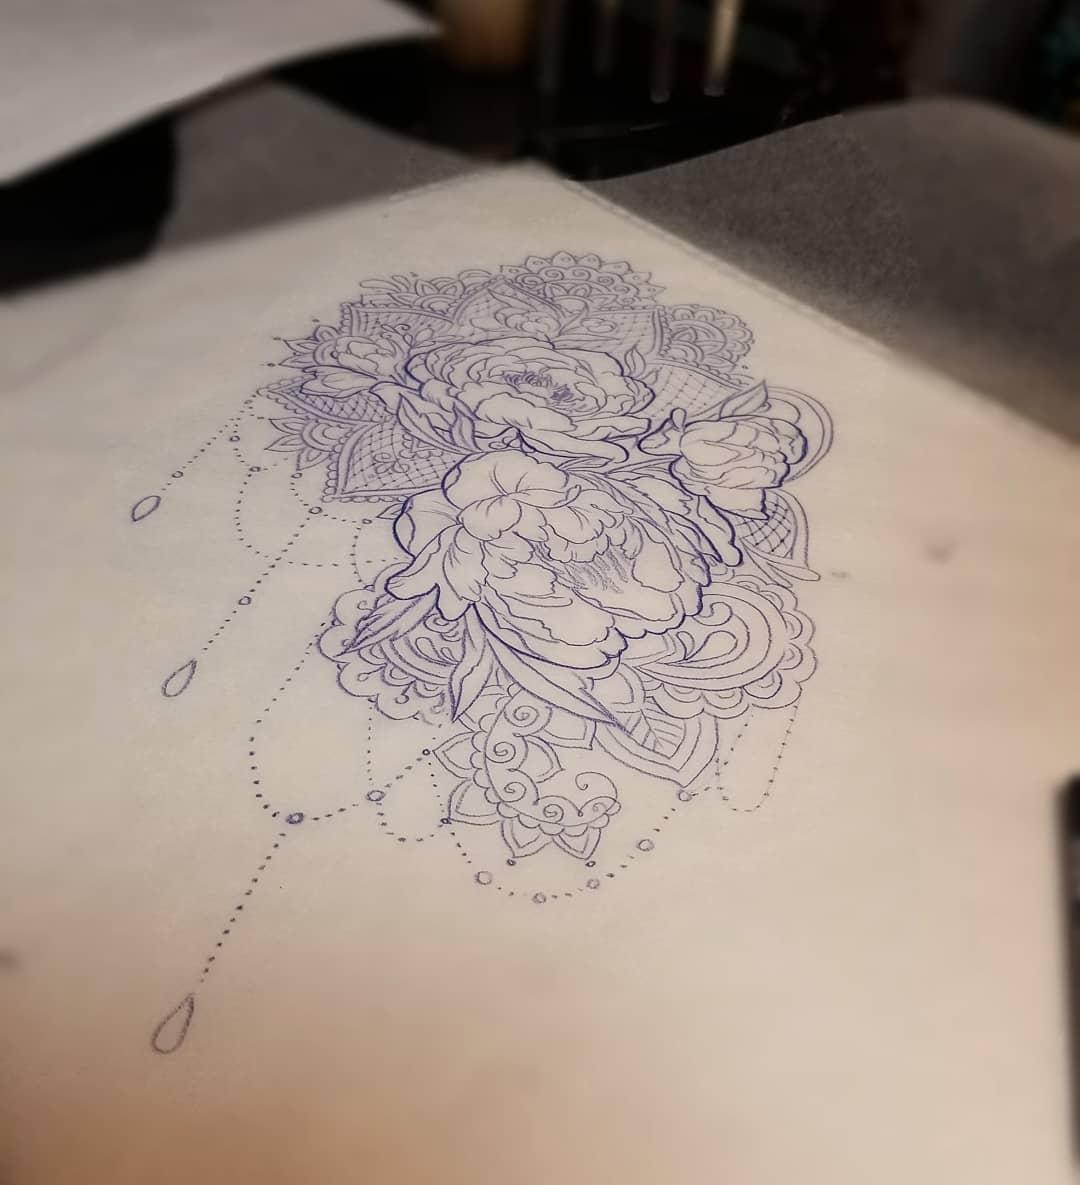 做旅游的都先生牡丹梵花纹身手稿